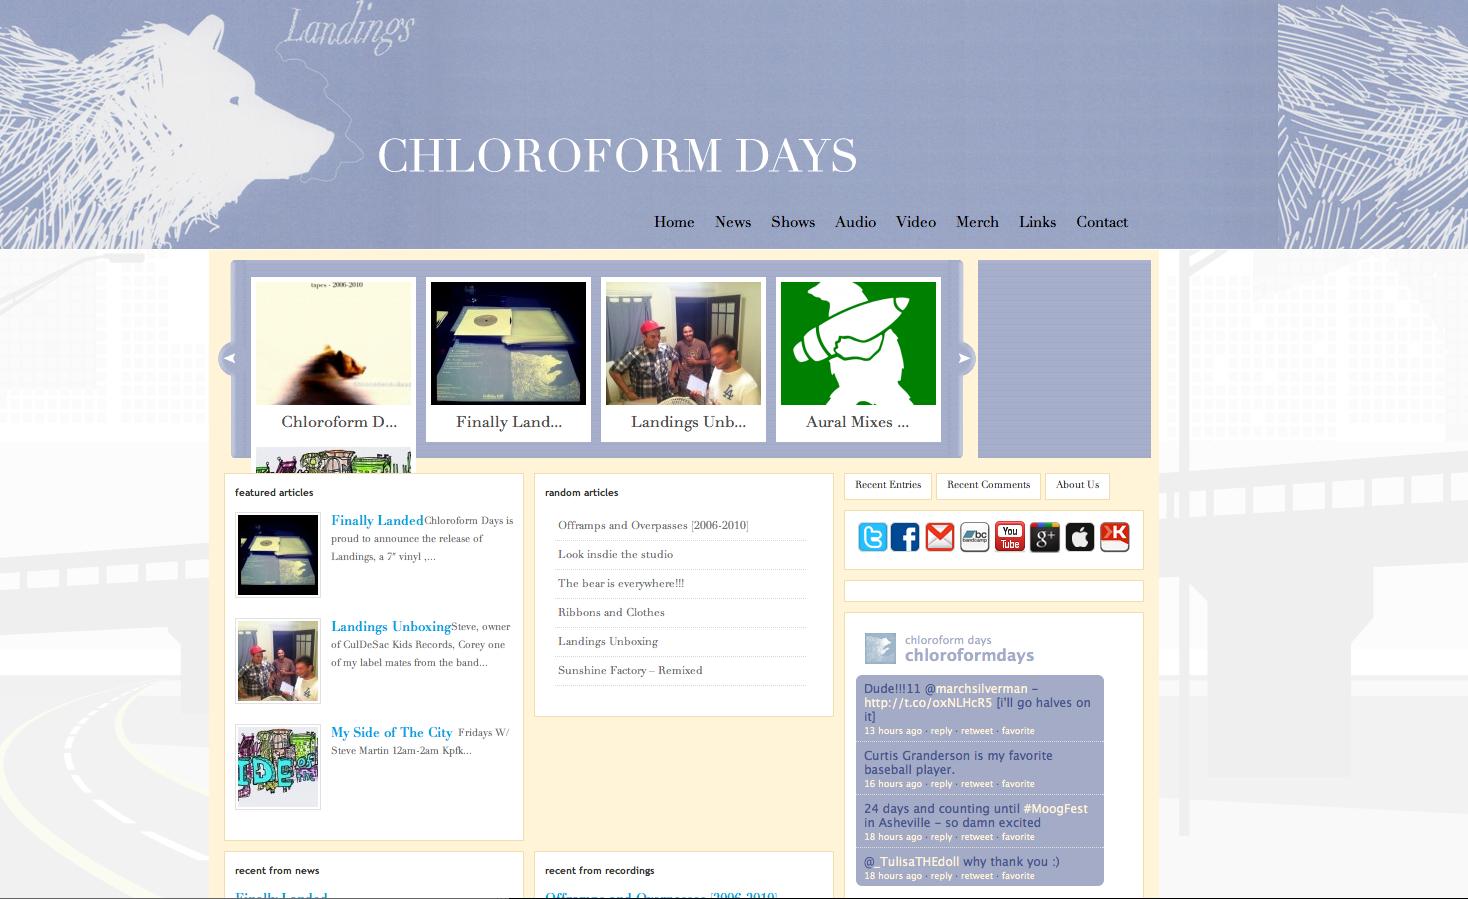 Chloroform Days, Landings